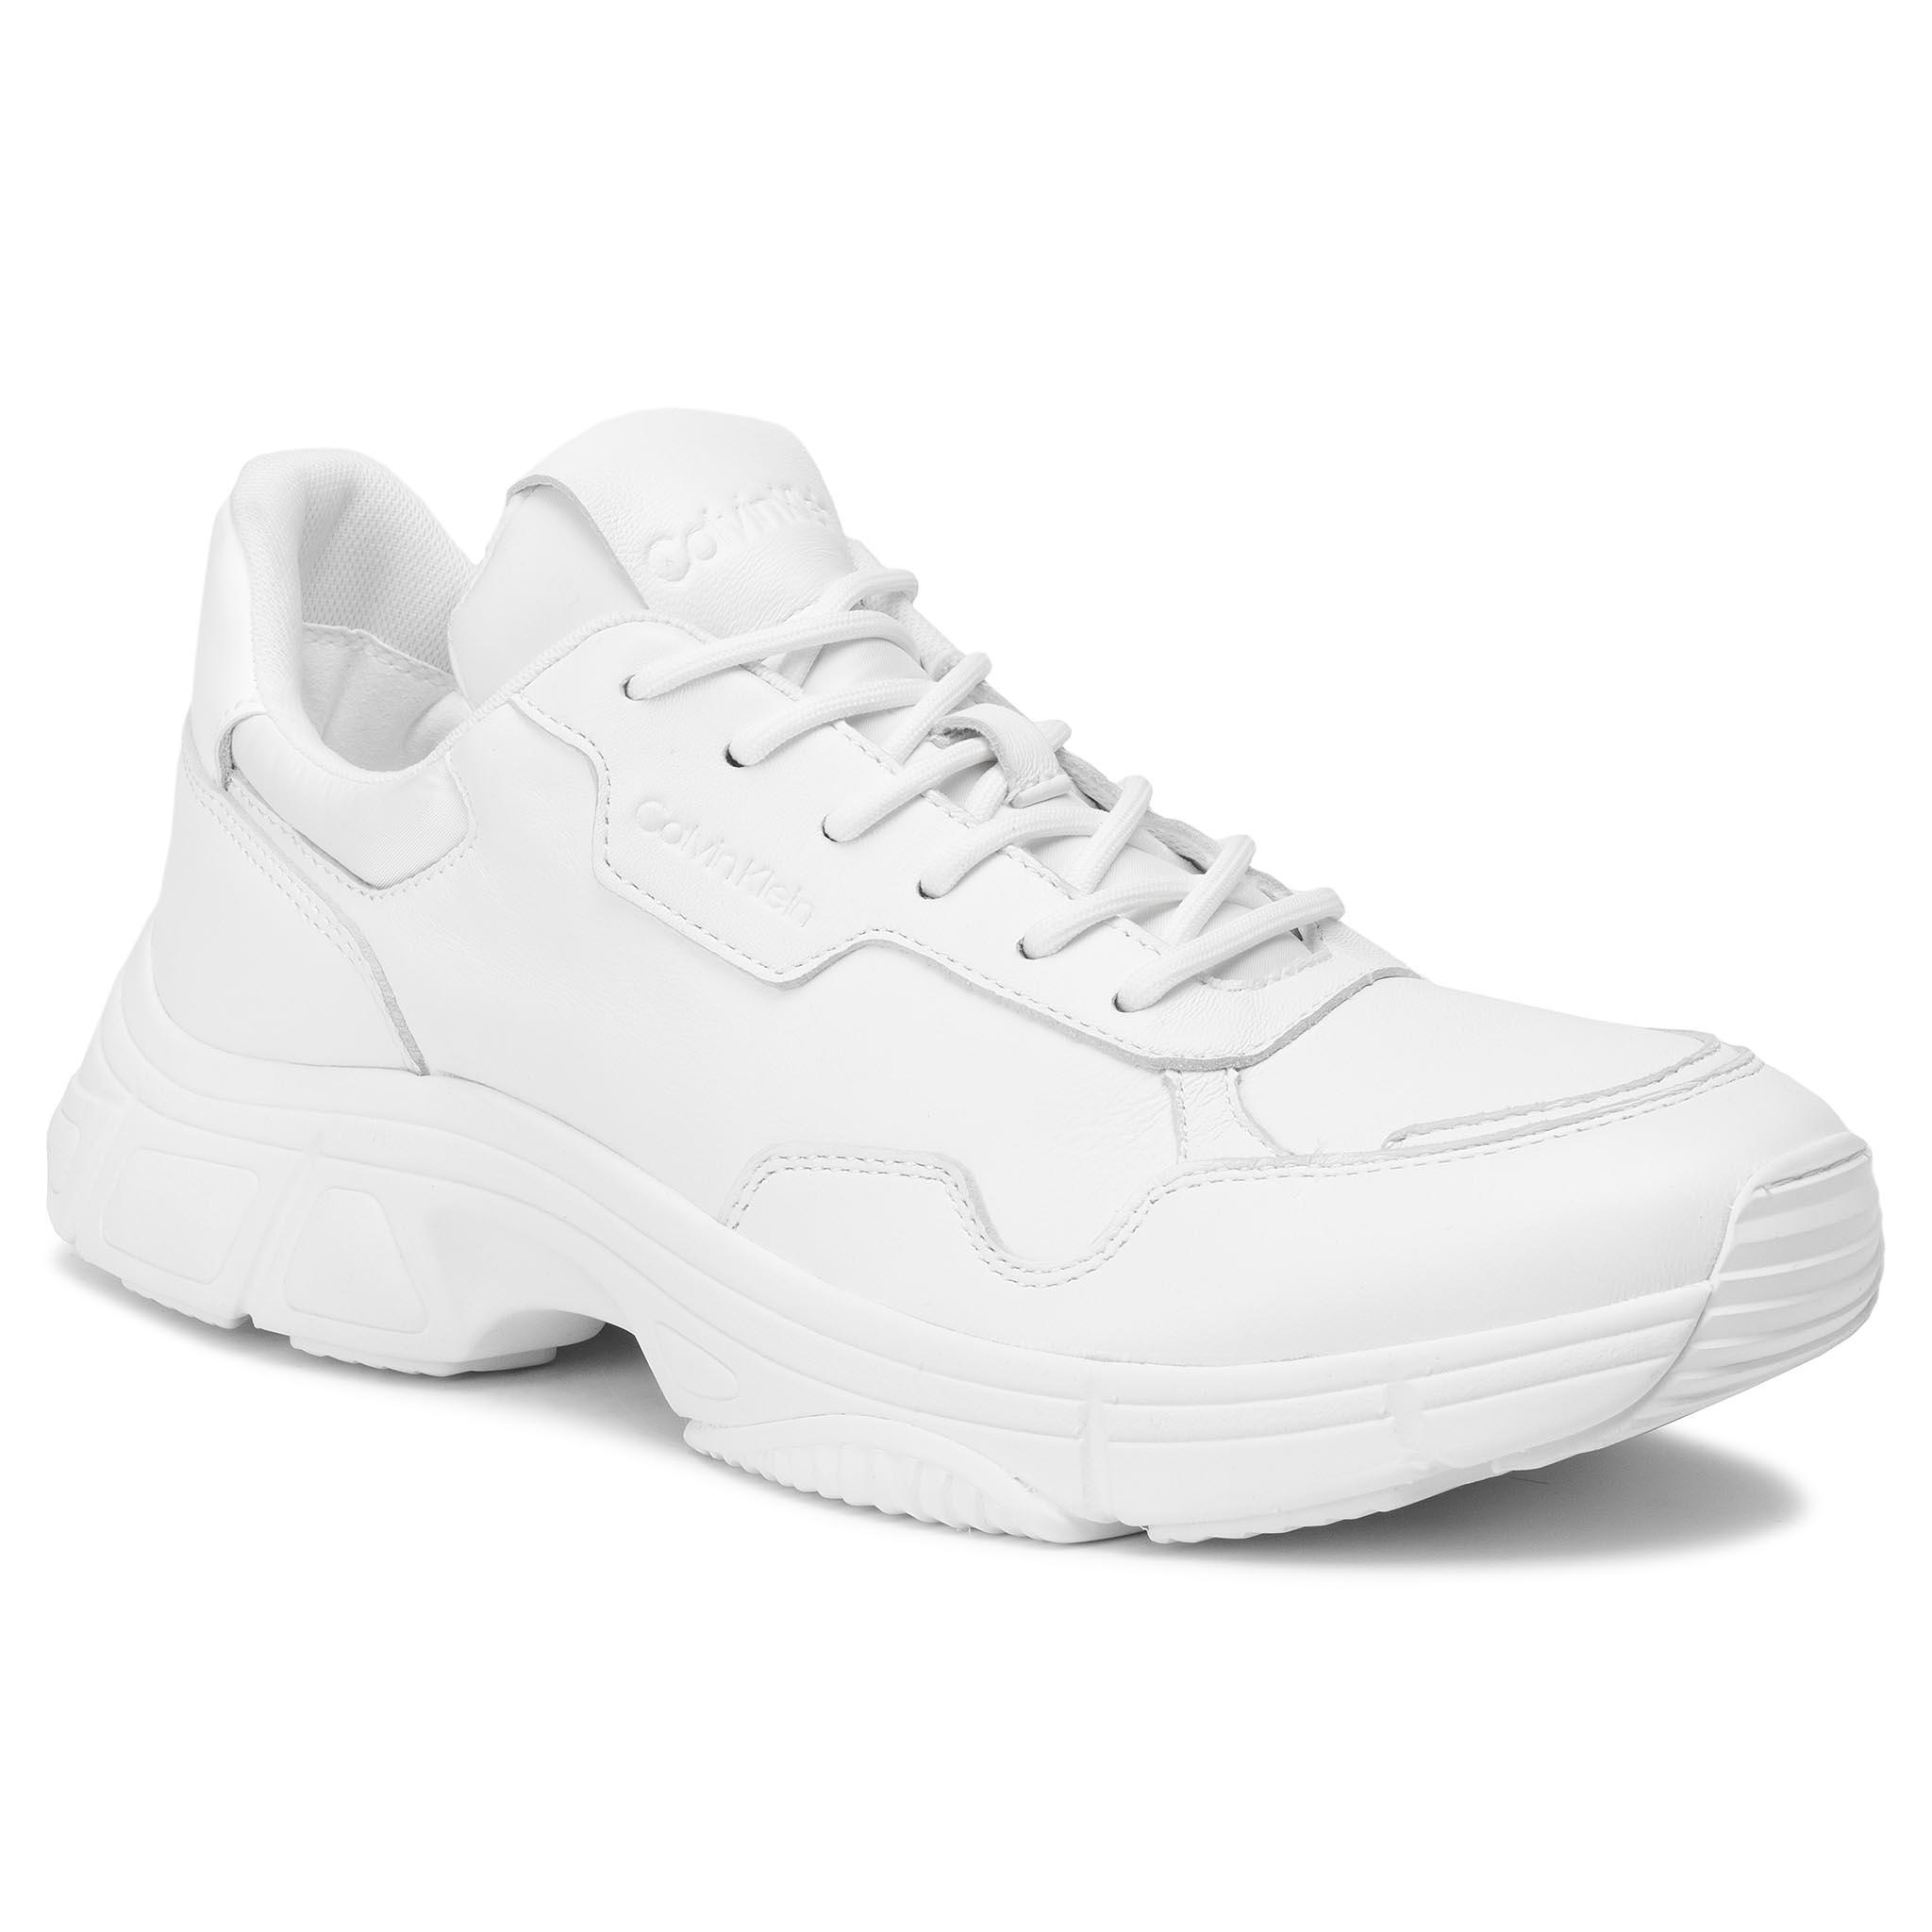 Sneakers CALVIN KLEIN - Demos B4F2104 White